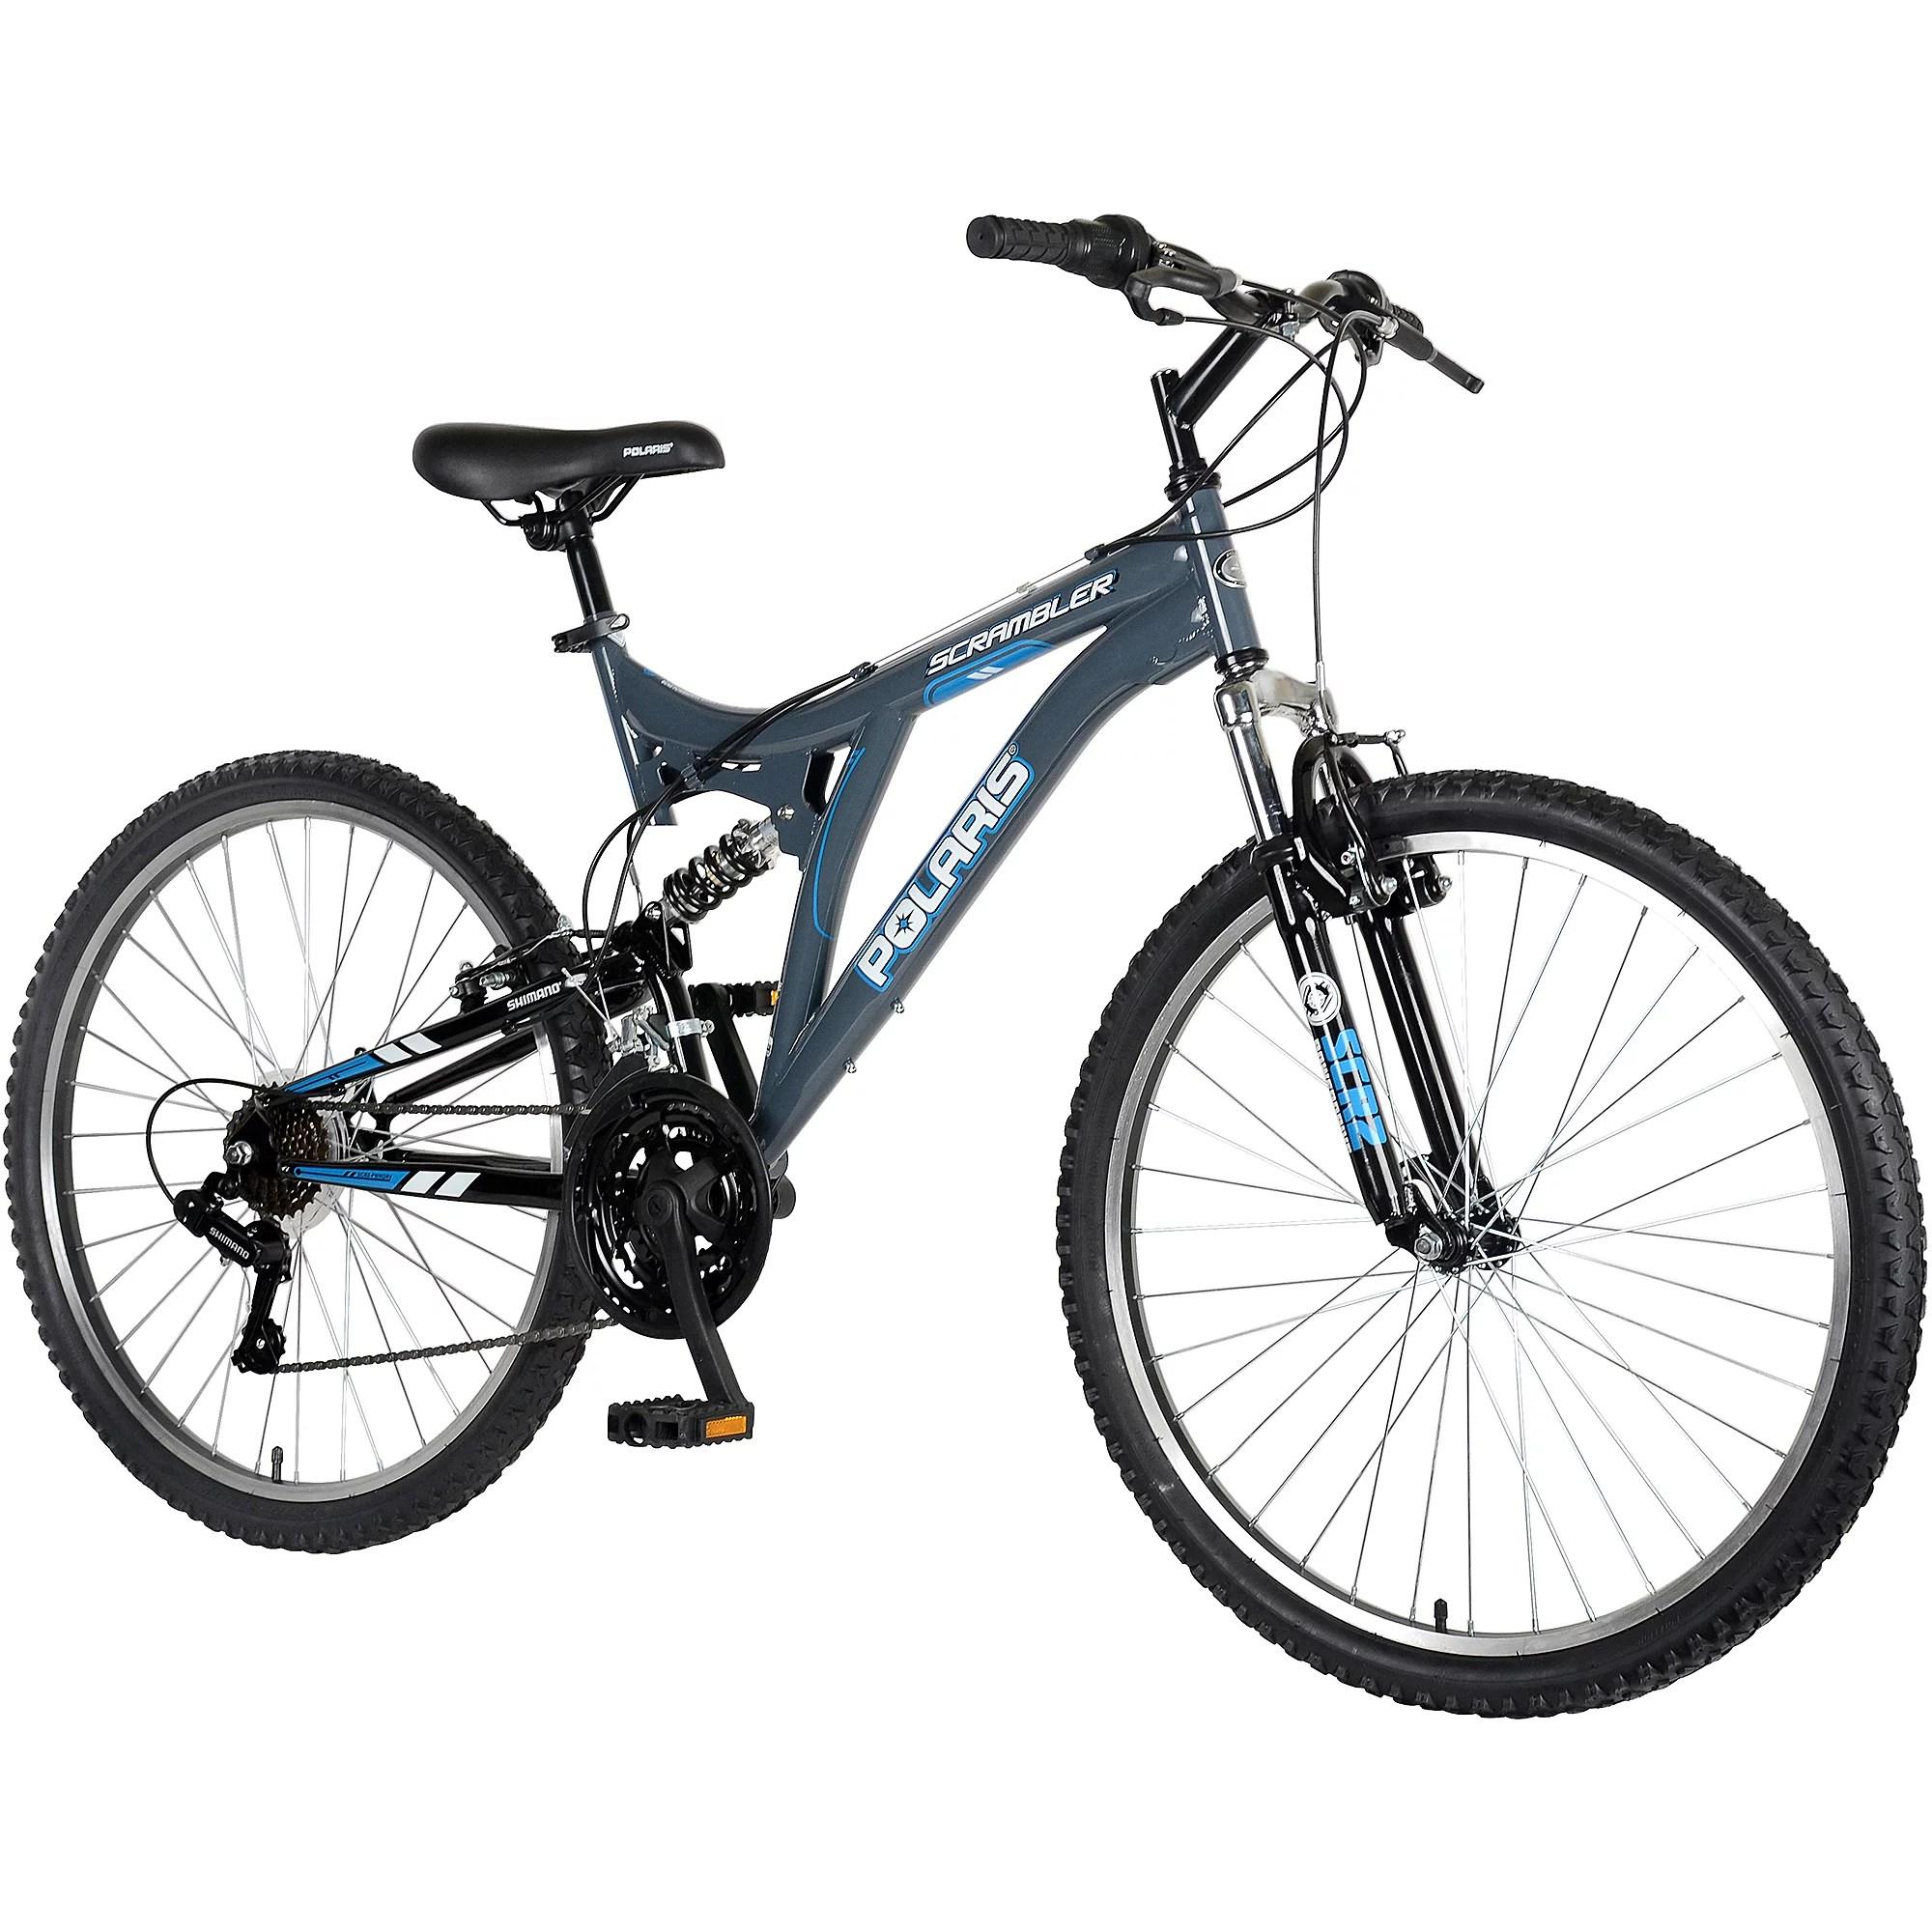 Polaris Bike Scrambler